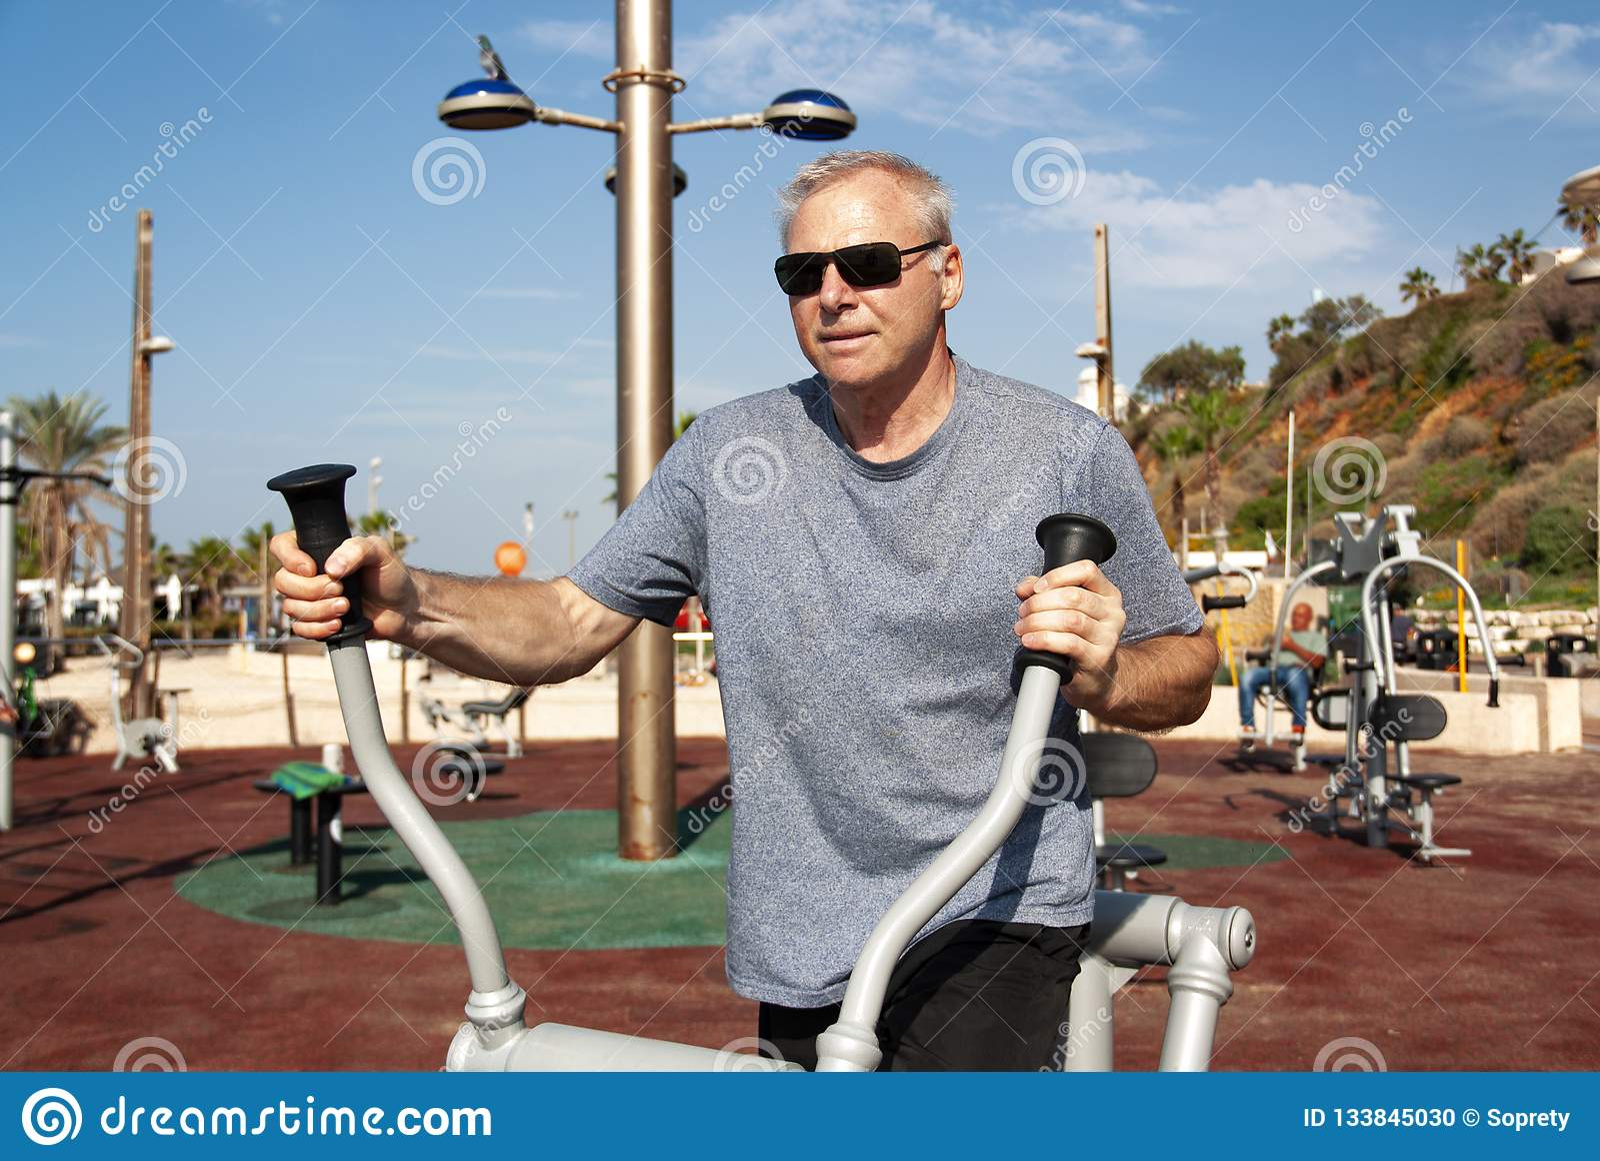 Un homme occupé dans les sports sur l au sol de sports